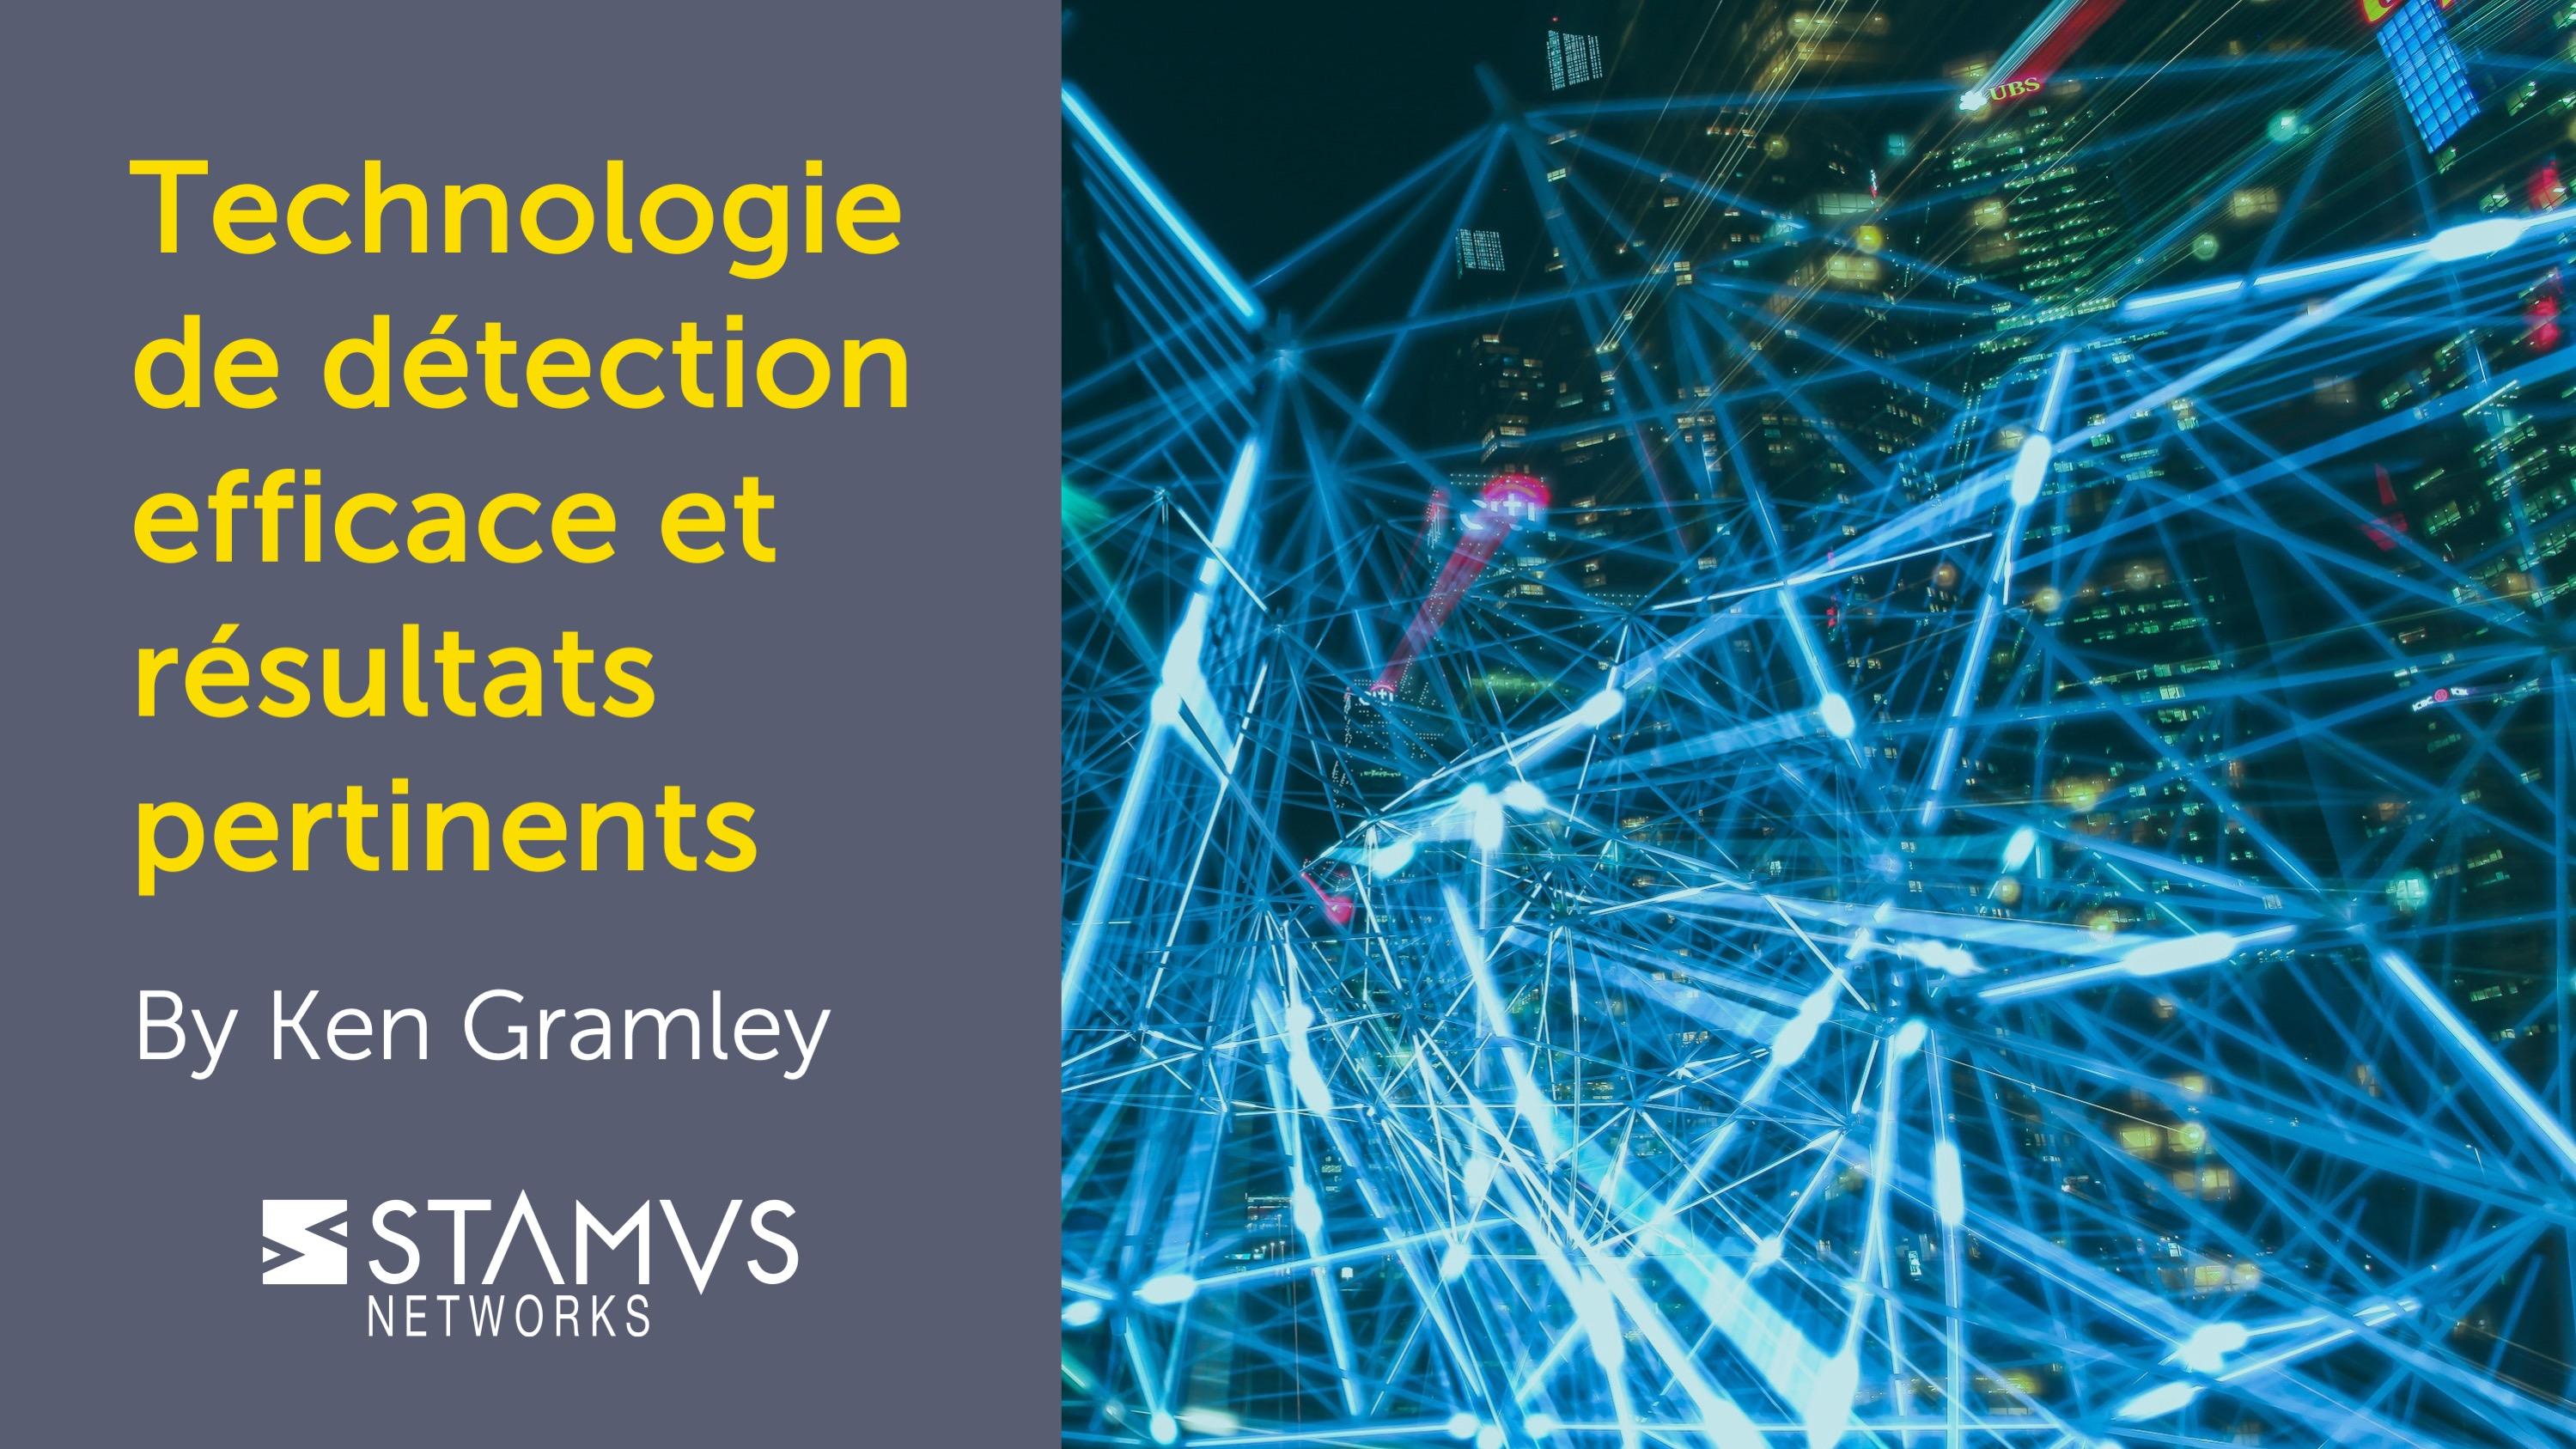 Image: Technologie de détection efficace et résultats pertinents